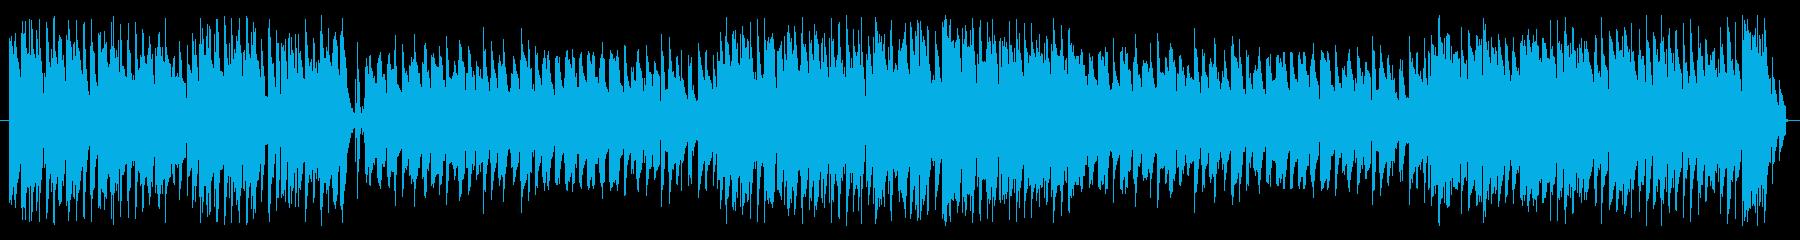 おしゃれなピアノジャズ曲の再生済みの波形